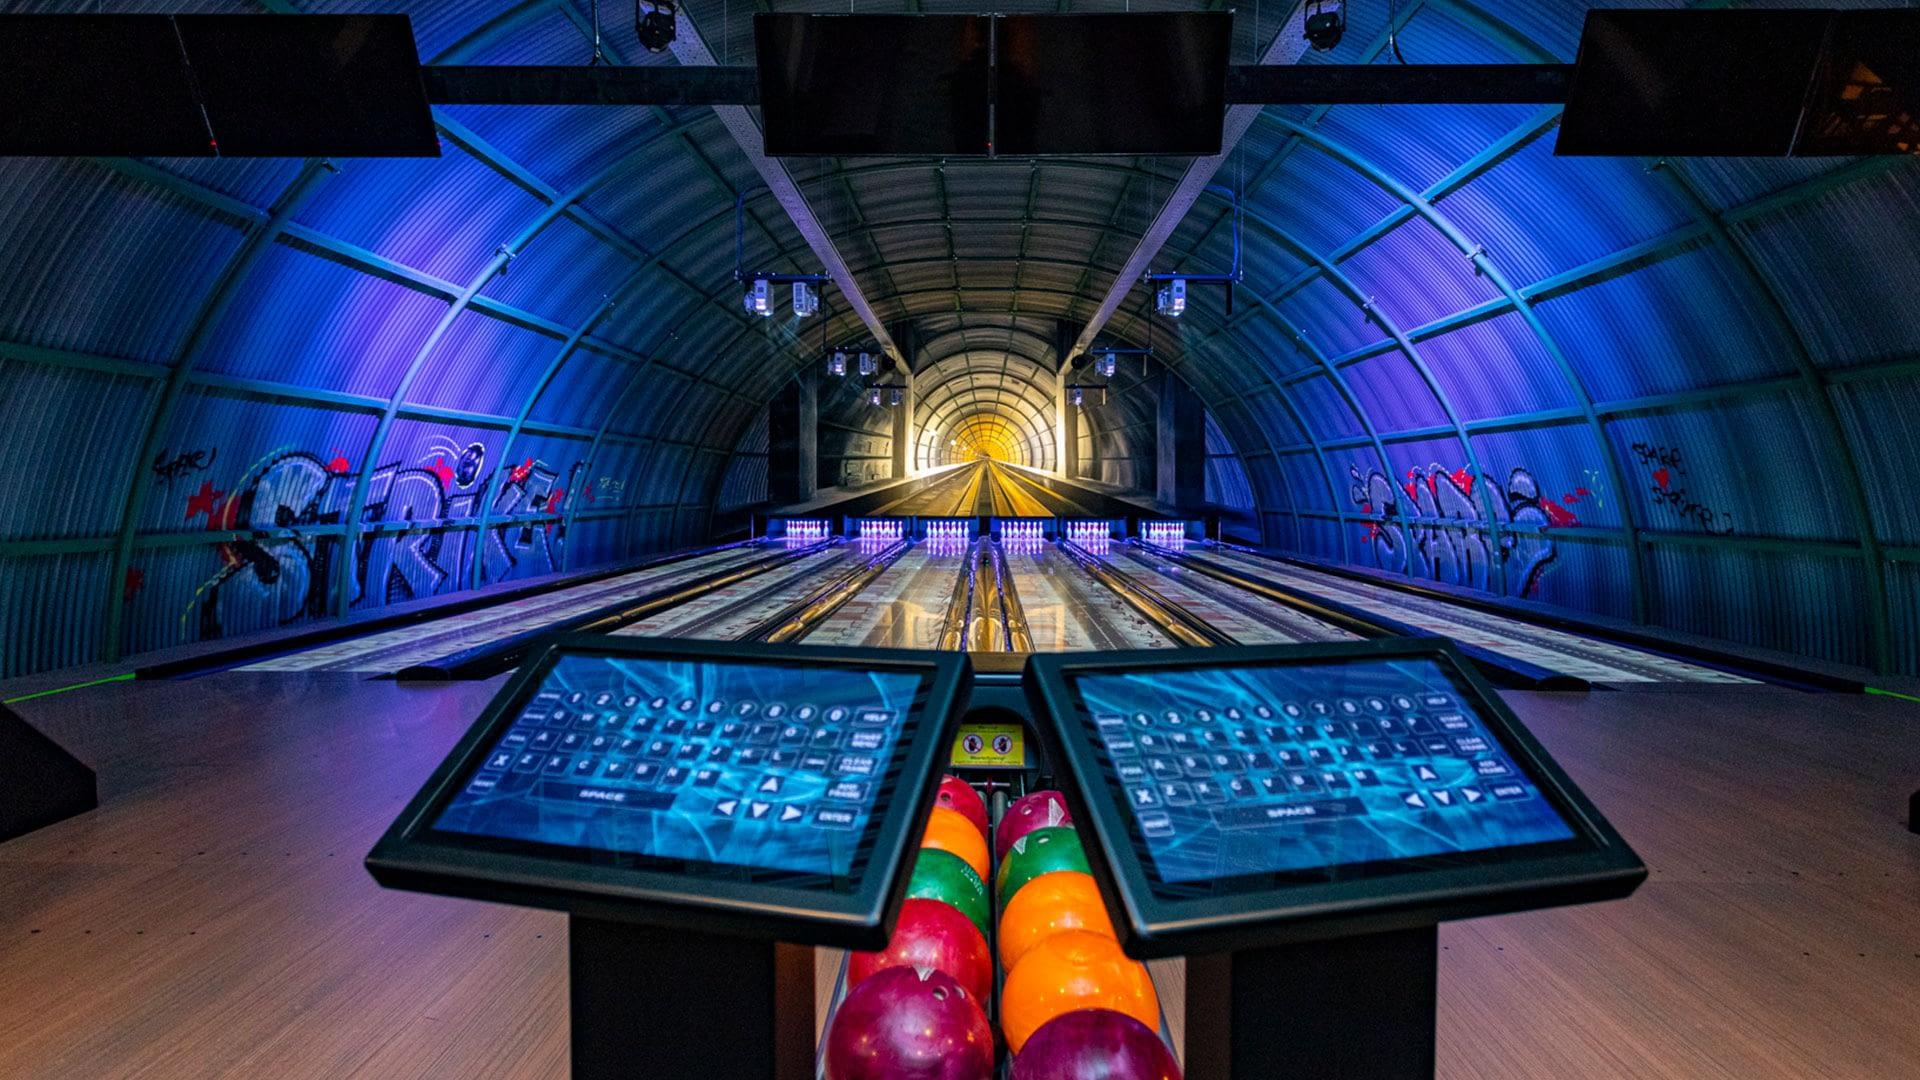 glow in the dark bowlingbaan in een metalen loods met fel gekleurde bowlingballen in entertainment center The City in het Westland